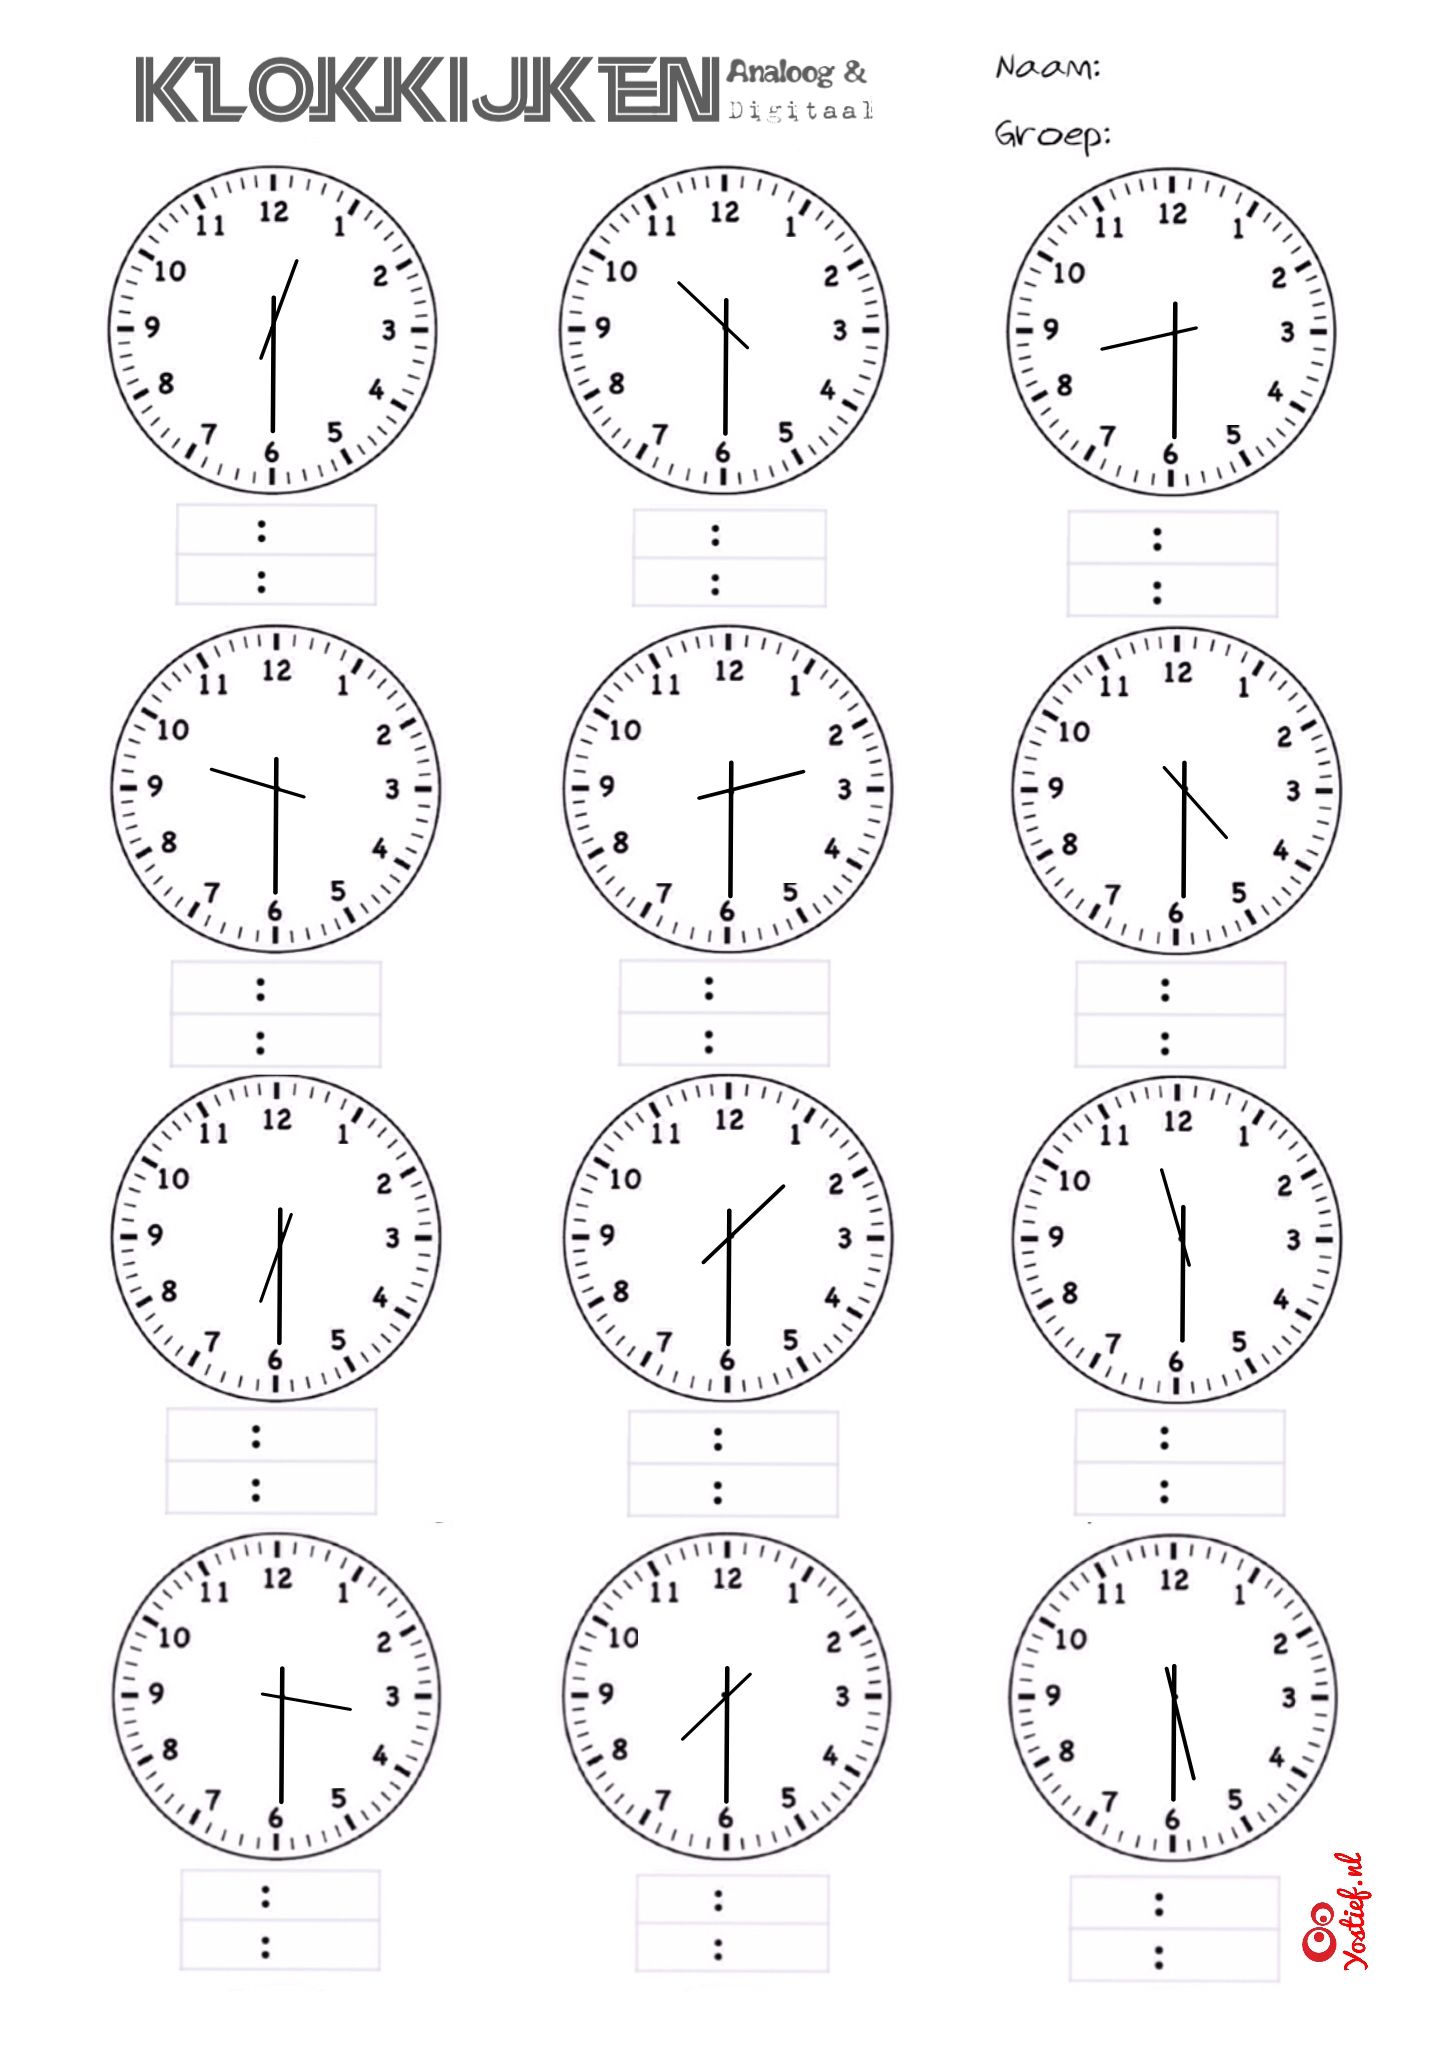 Klokkijken, analoog en digitaal. Werkblad halve uren ...